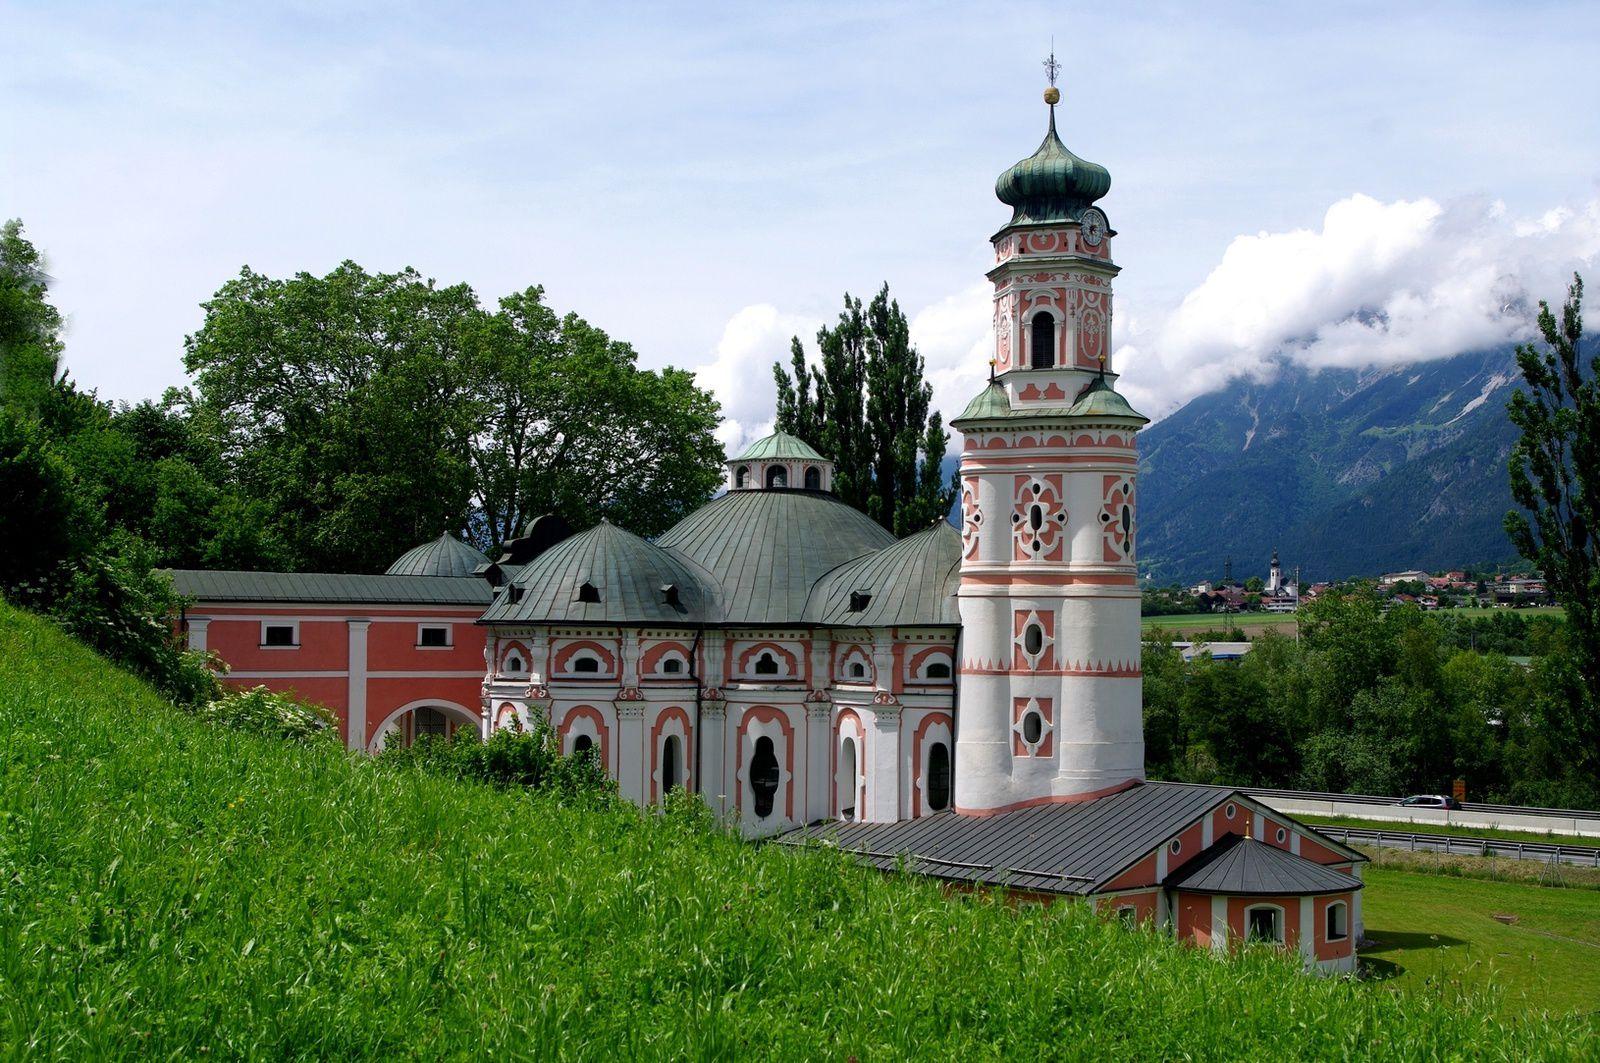 église de Volders, très belle oeuvre baroque du Tyrol terminée en 1564